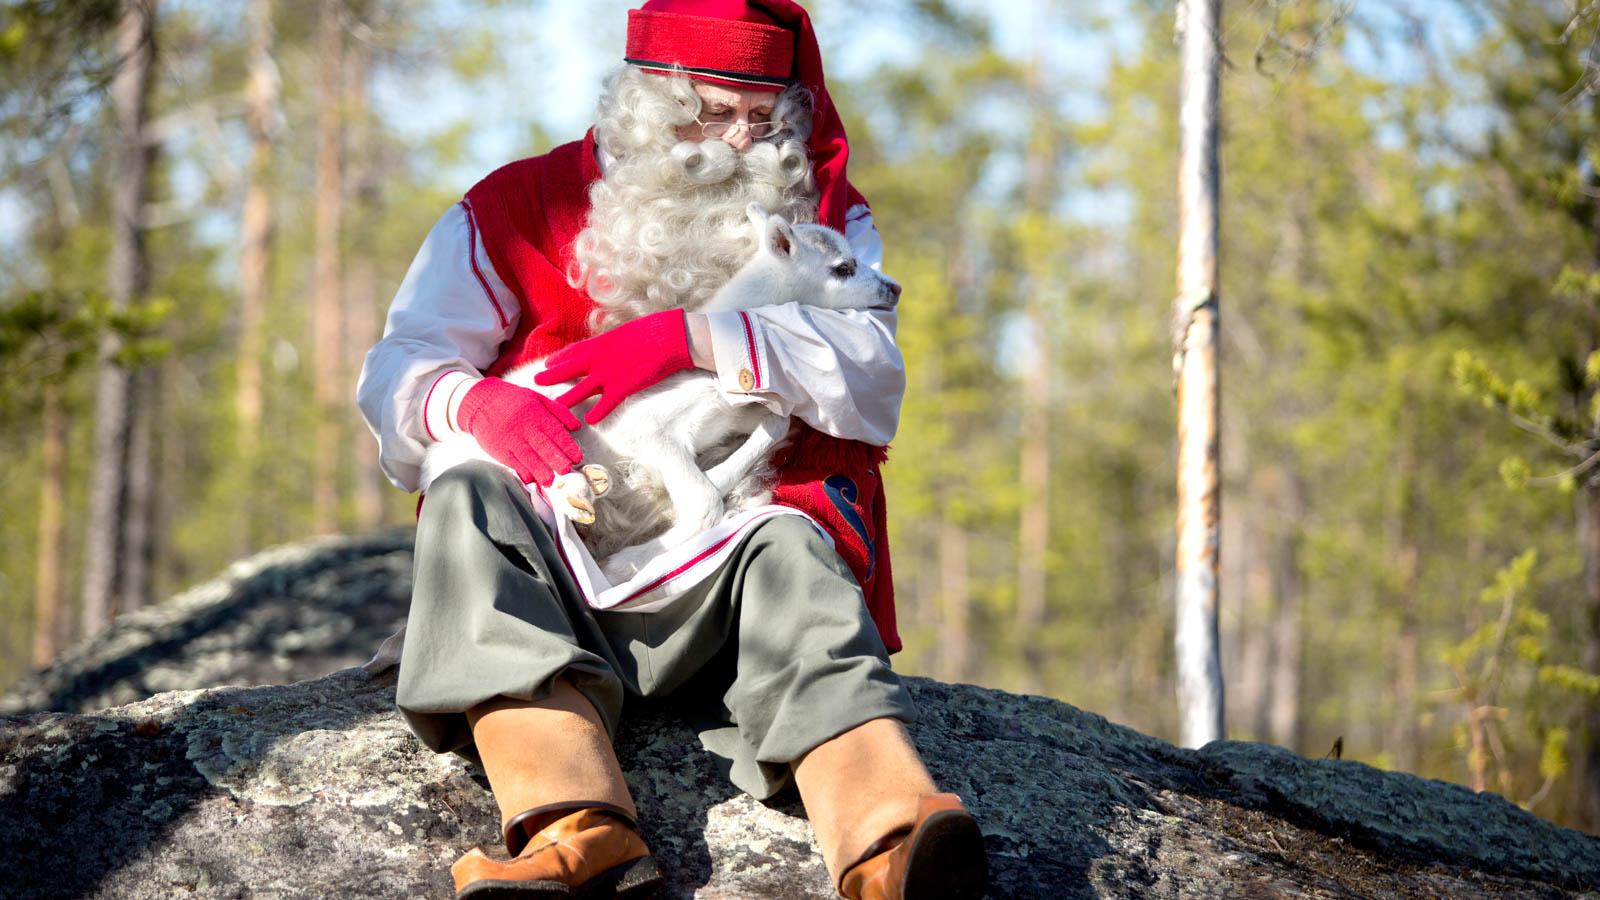 Santa Claus summer Rovaniemi Lapland Finland